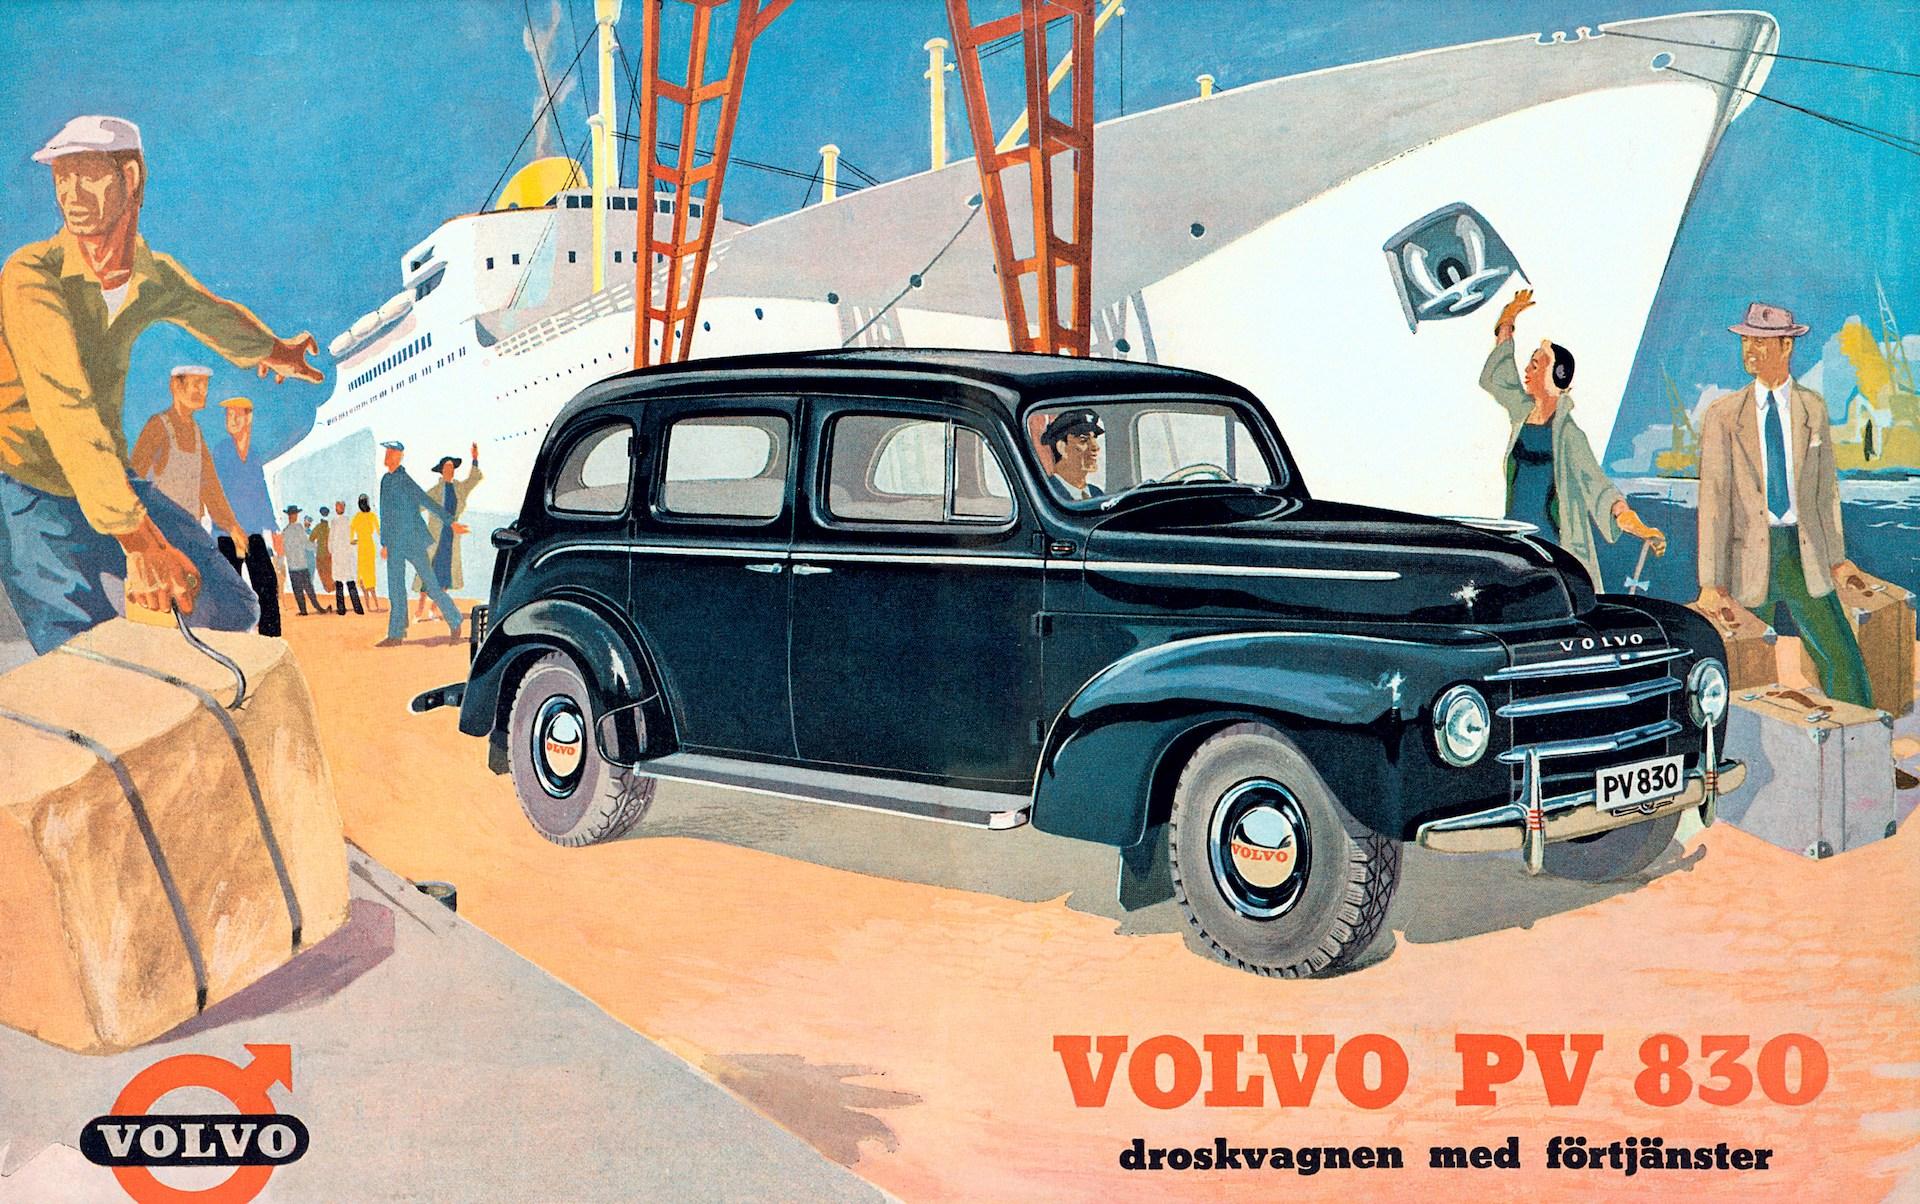 Volvo PV 830